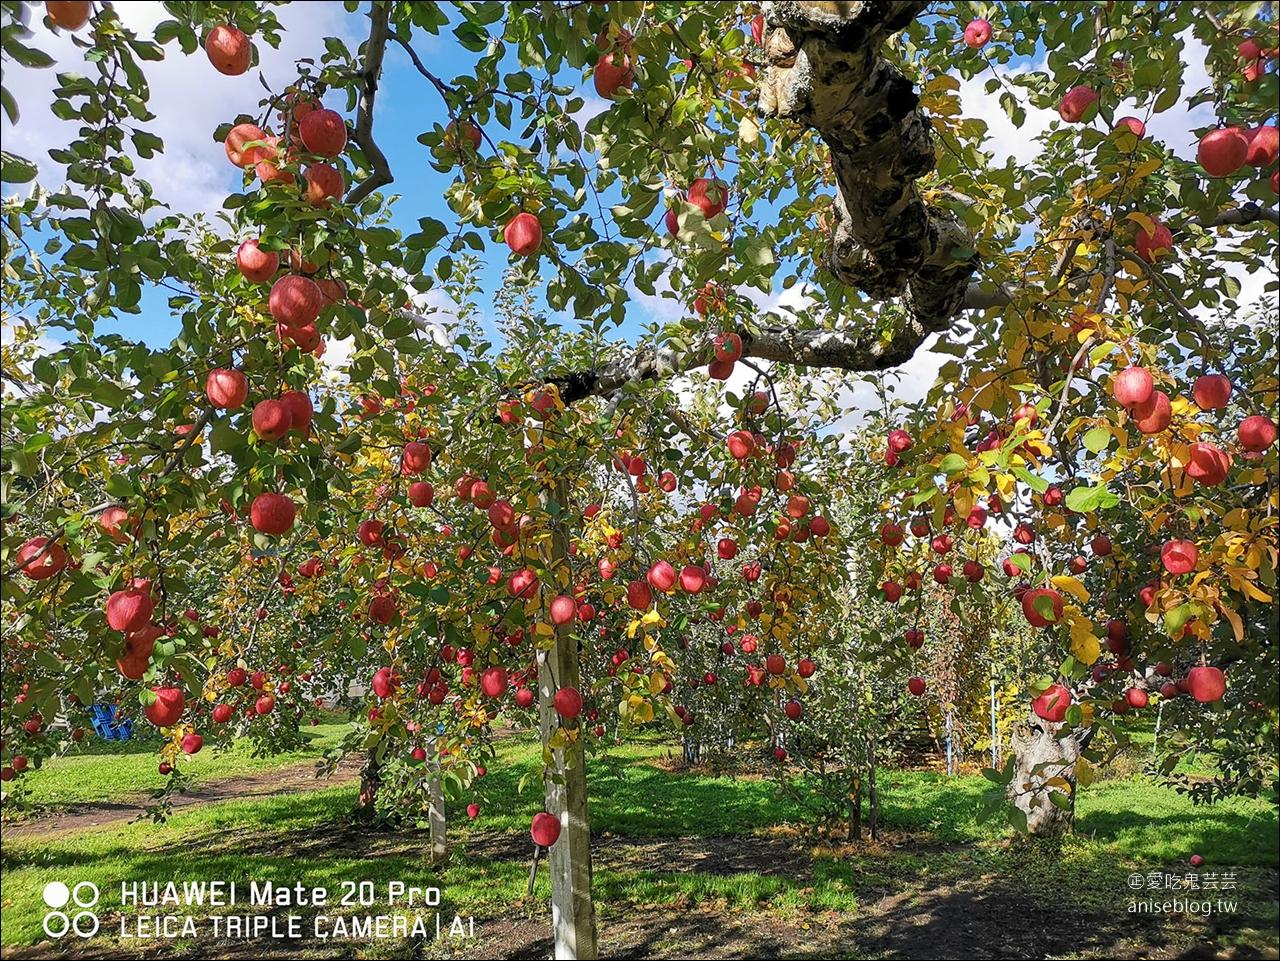 青森半日遊 | 青森觀光果園採蘋果、睡魔之家、長尾中華拉麵、A factory伴手禮採買